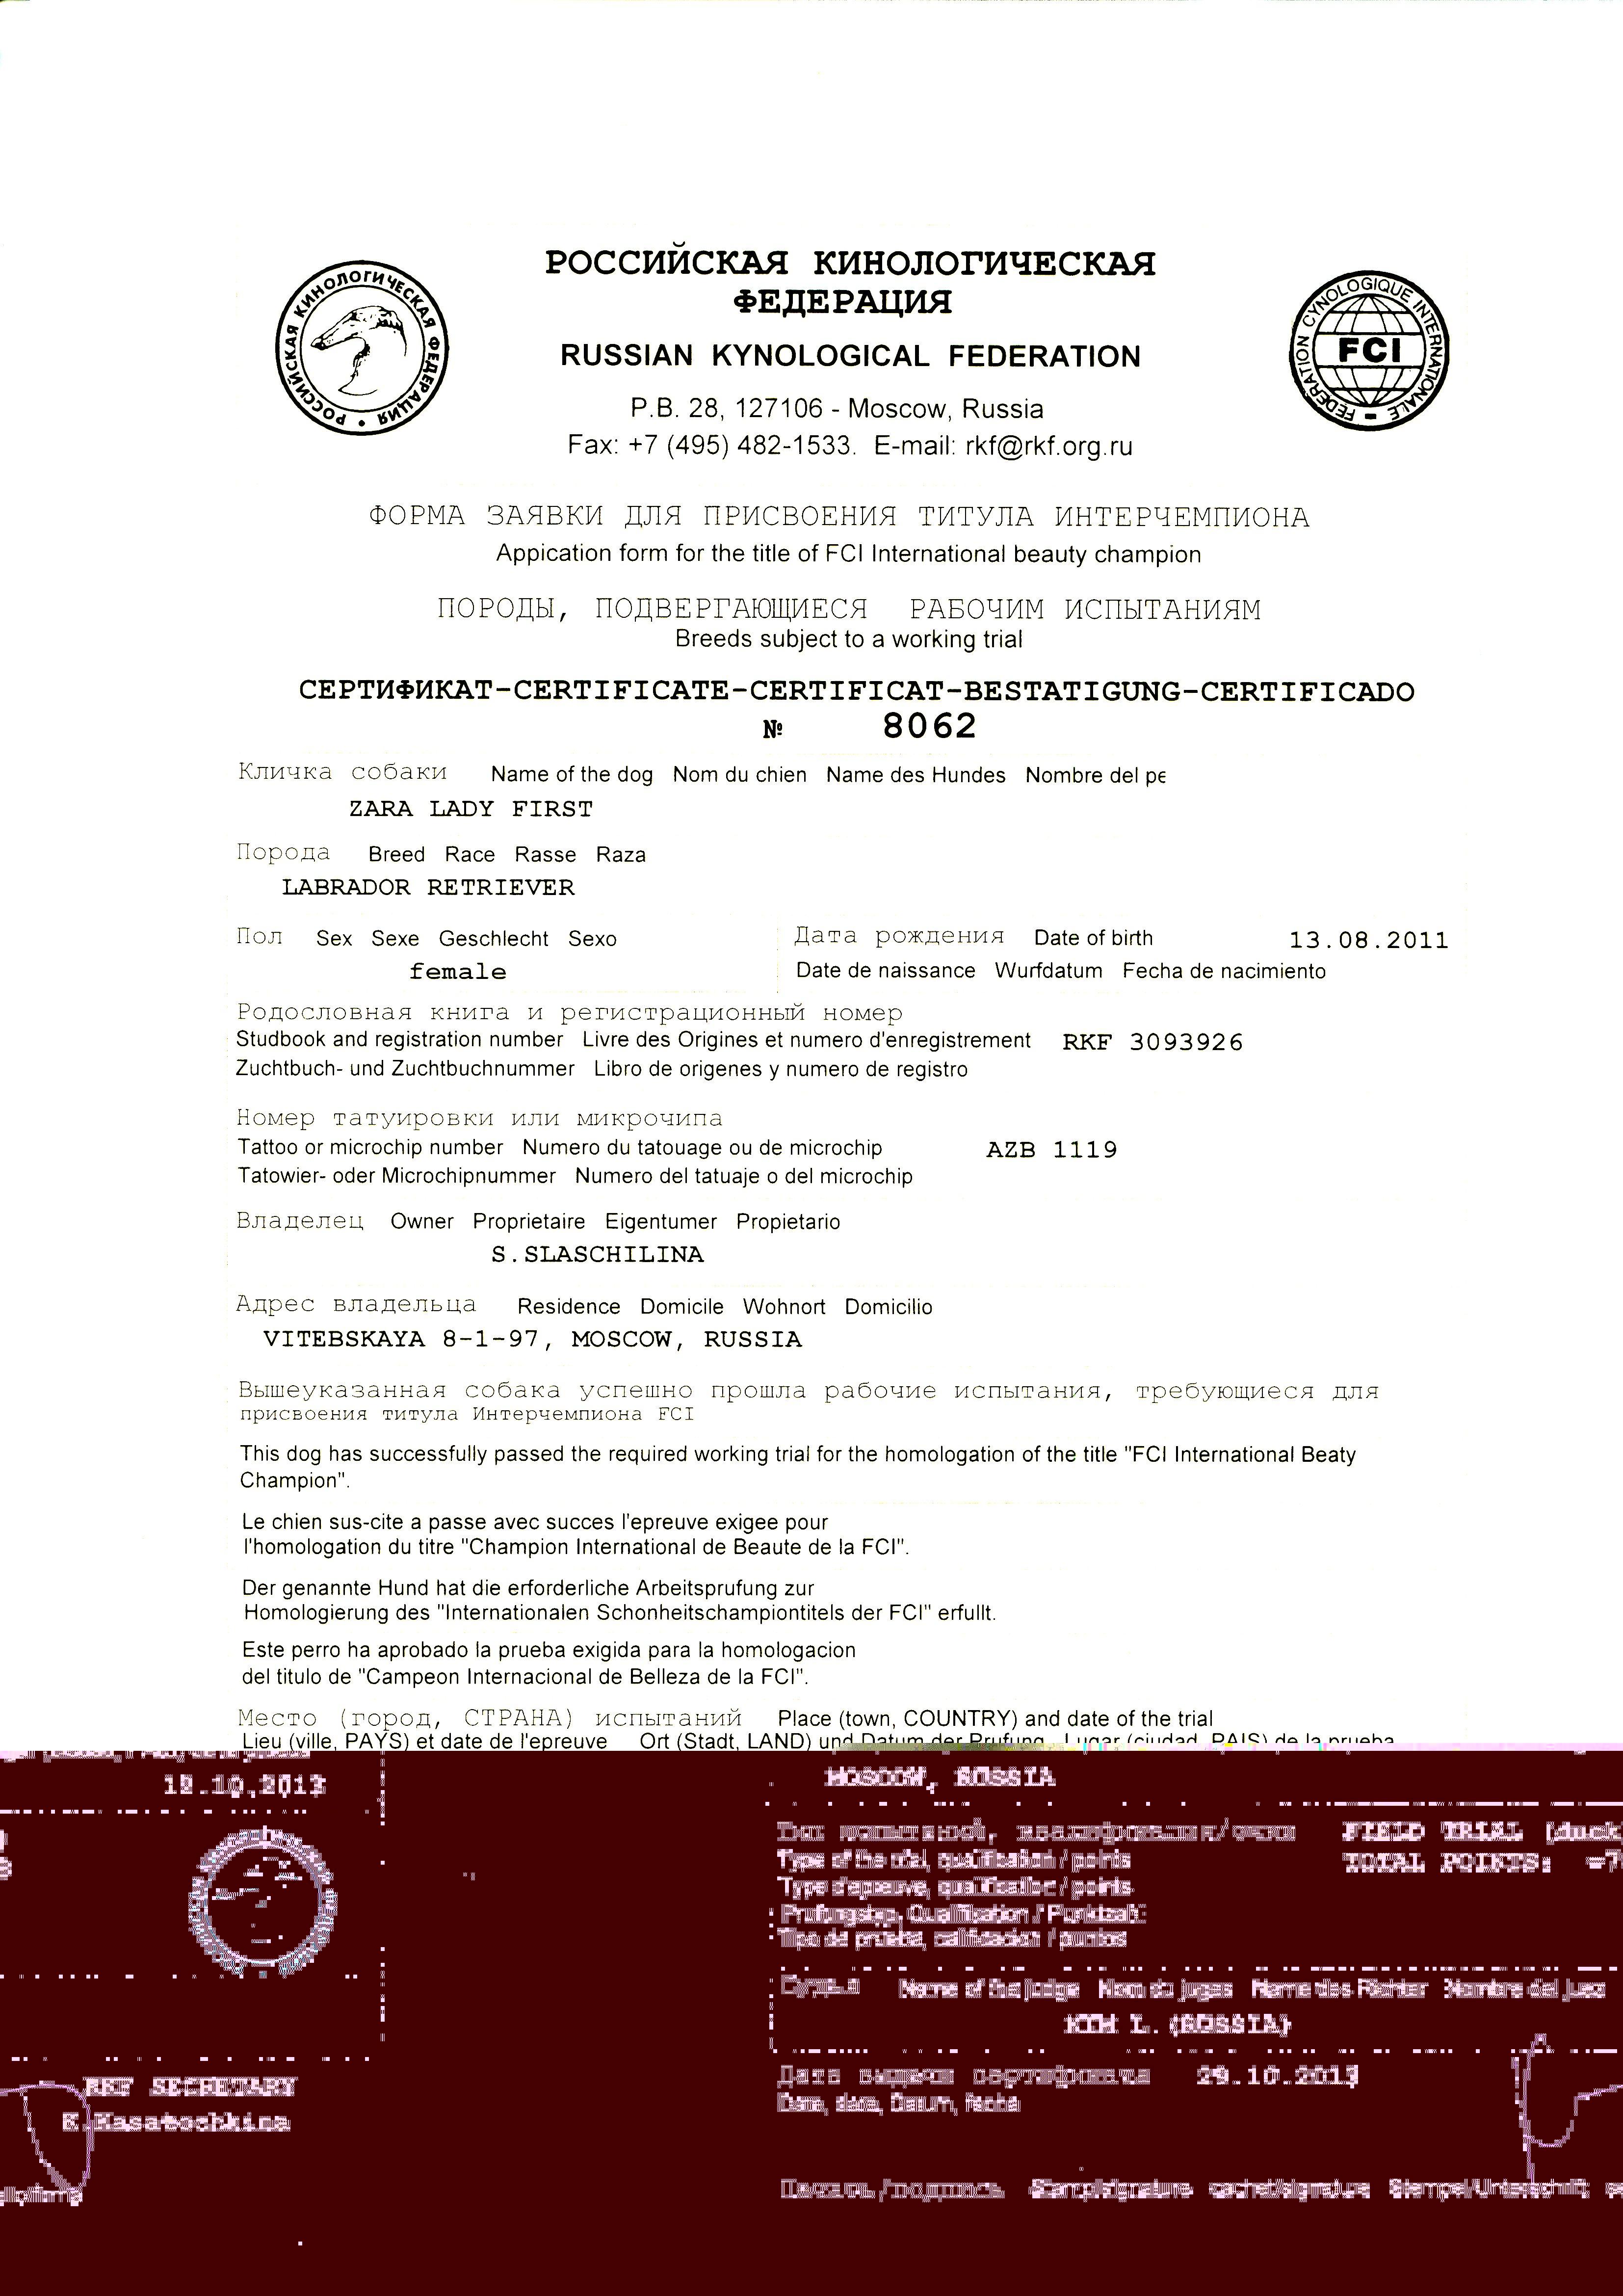 Иримен Умарта Нала Зара Леди Ферст Дипломы сертификаты наших собак Диплом Чемпиона Белоруси Диплом Чемпиона Литвы